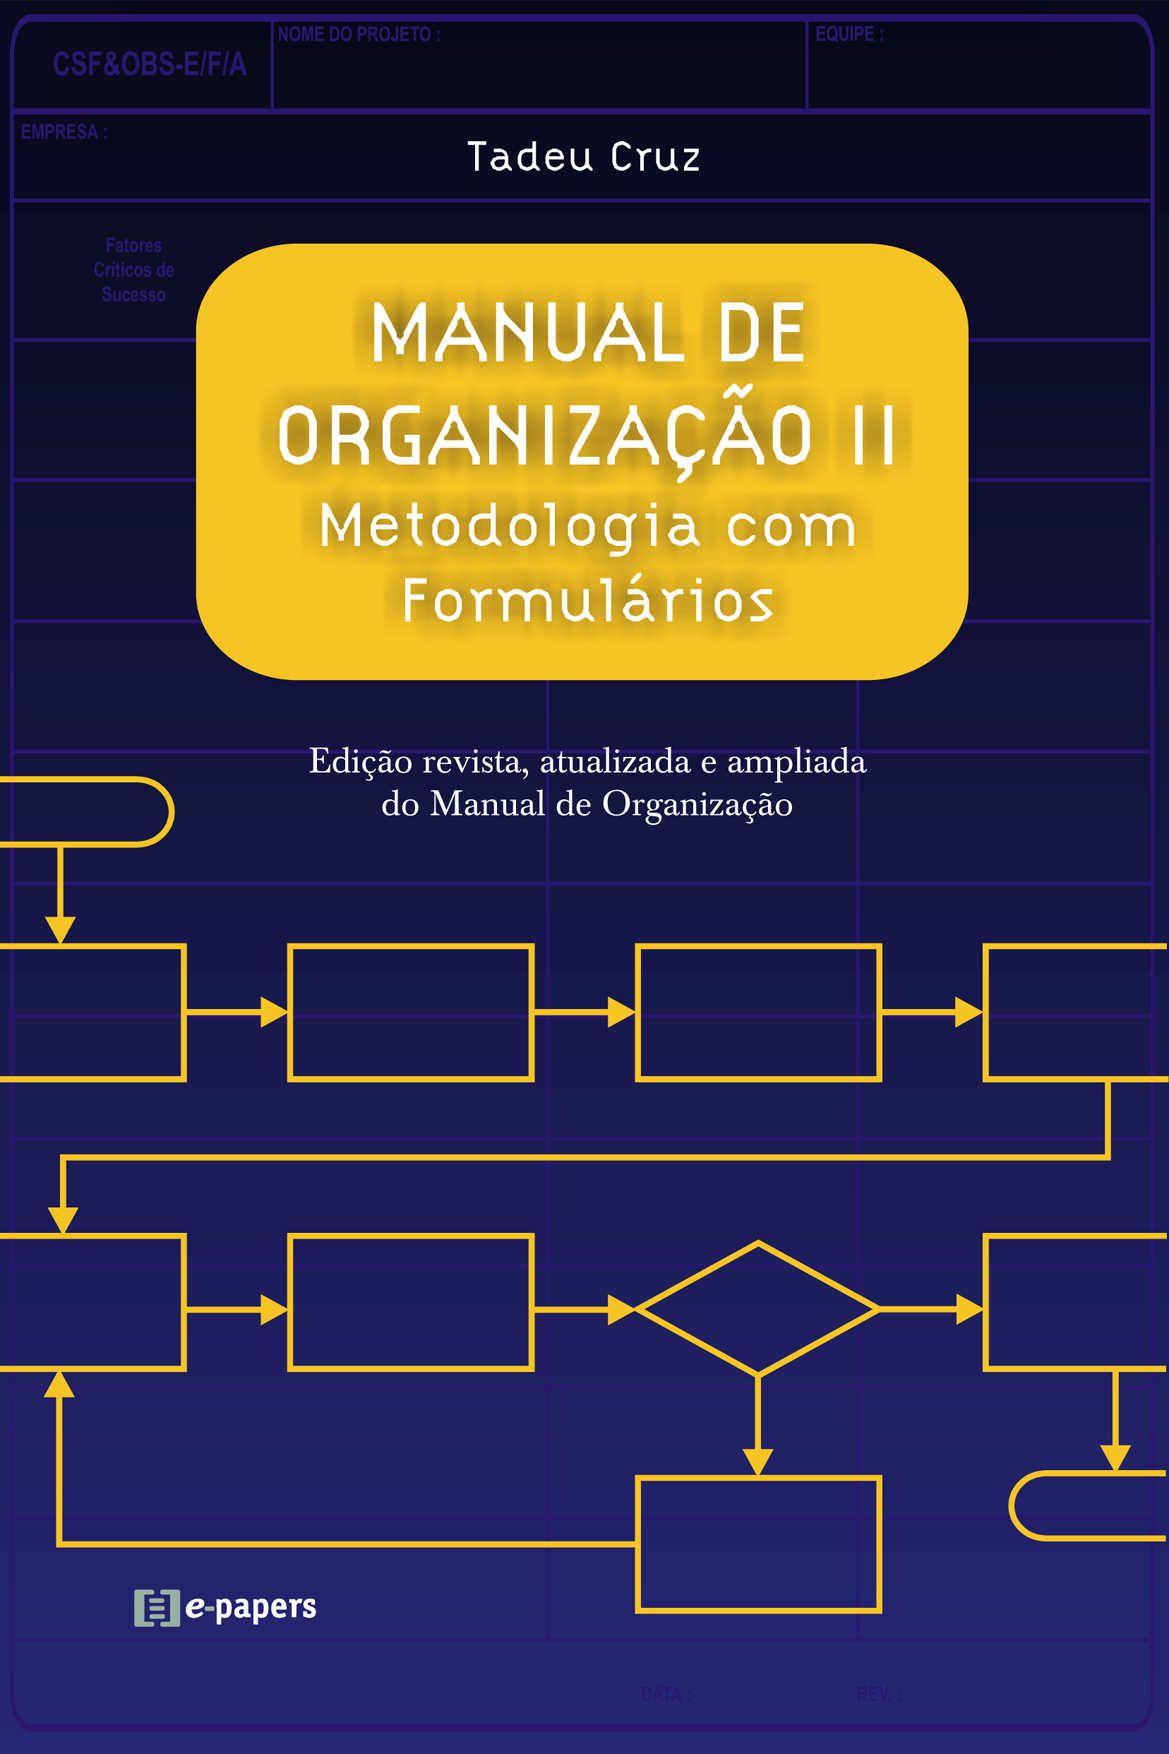 Manual de Organização II: Metodologia com Formulários